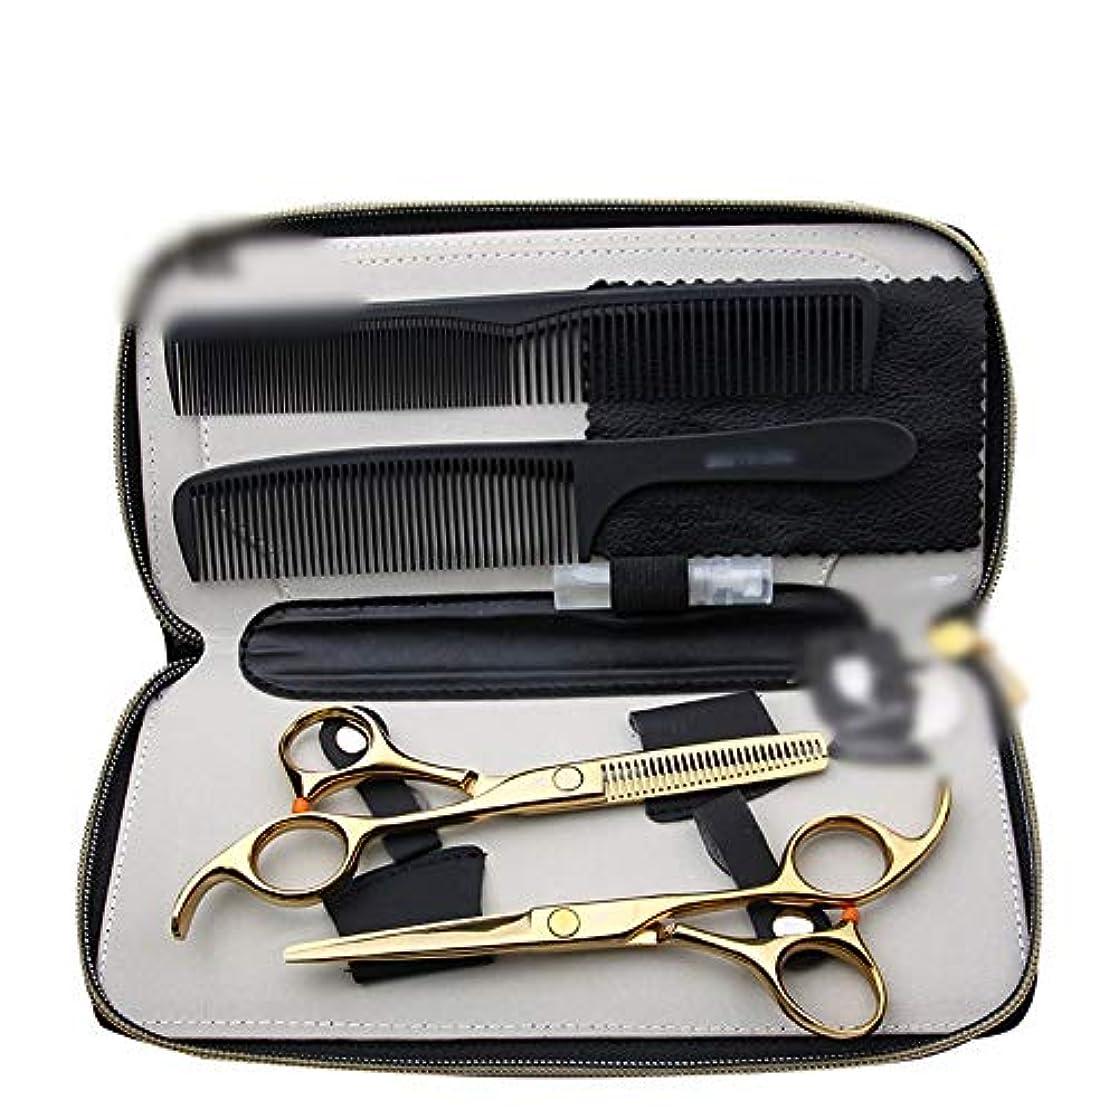 カップ慣らす強風Hairdressing 5.5インチの理髪ゴールデンはさみ、平らな+歯のせん断セットの毛の切断はさみのステンレス製の理髪師のはさみ (色 : ゴールド)